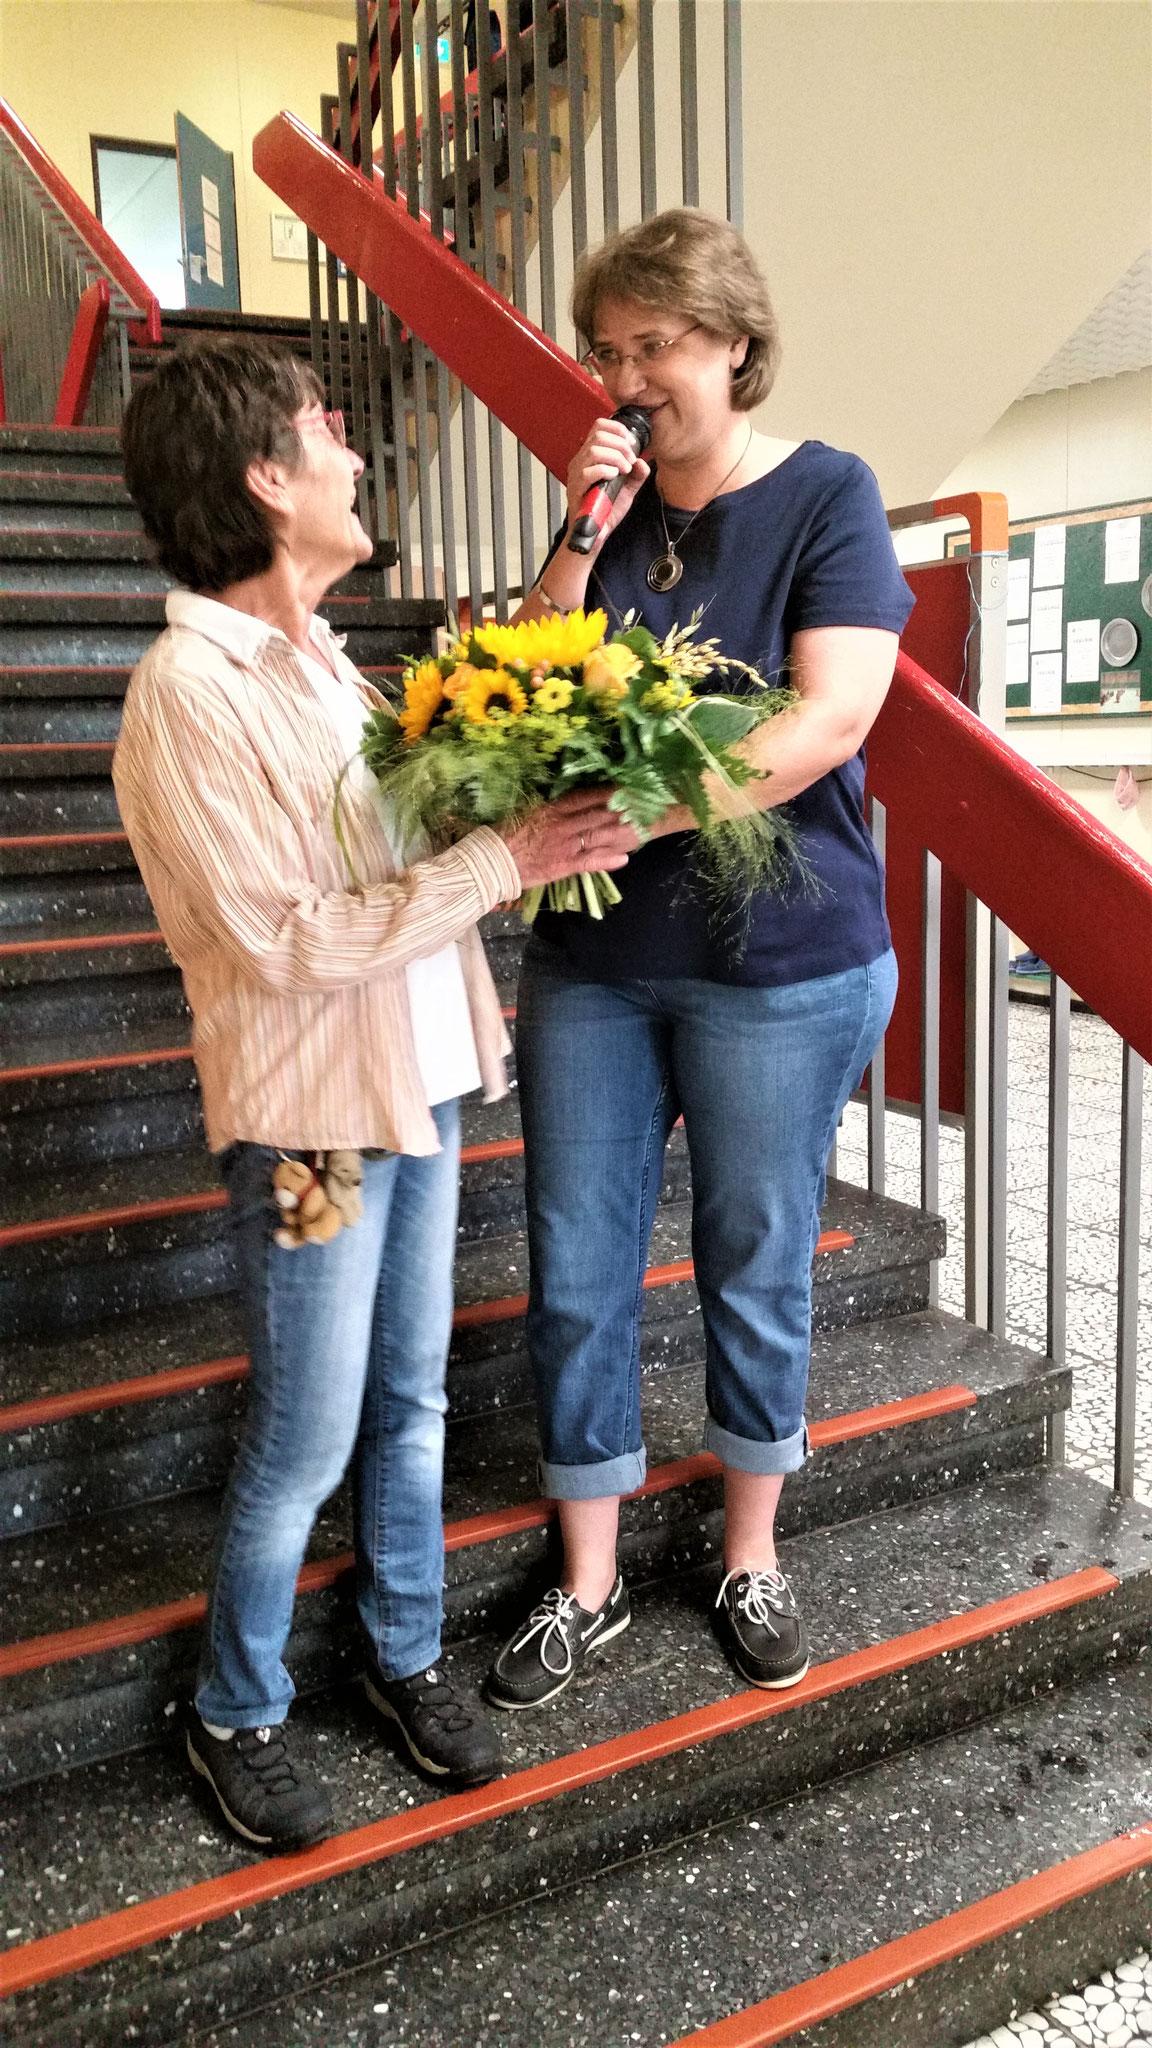 Auch Frau Fleitmann erhält zu ihrem Abschied einen Blumenstrauß.